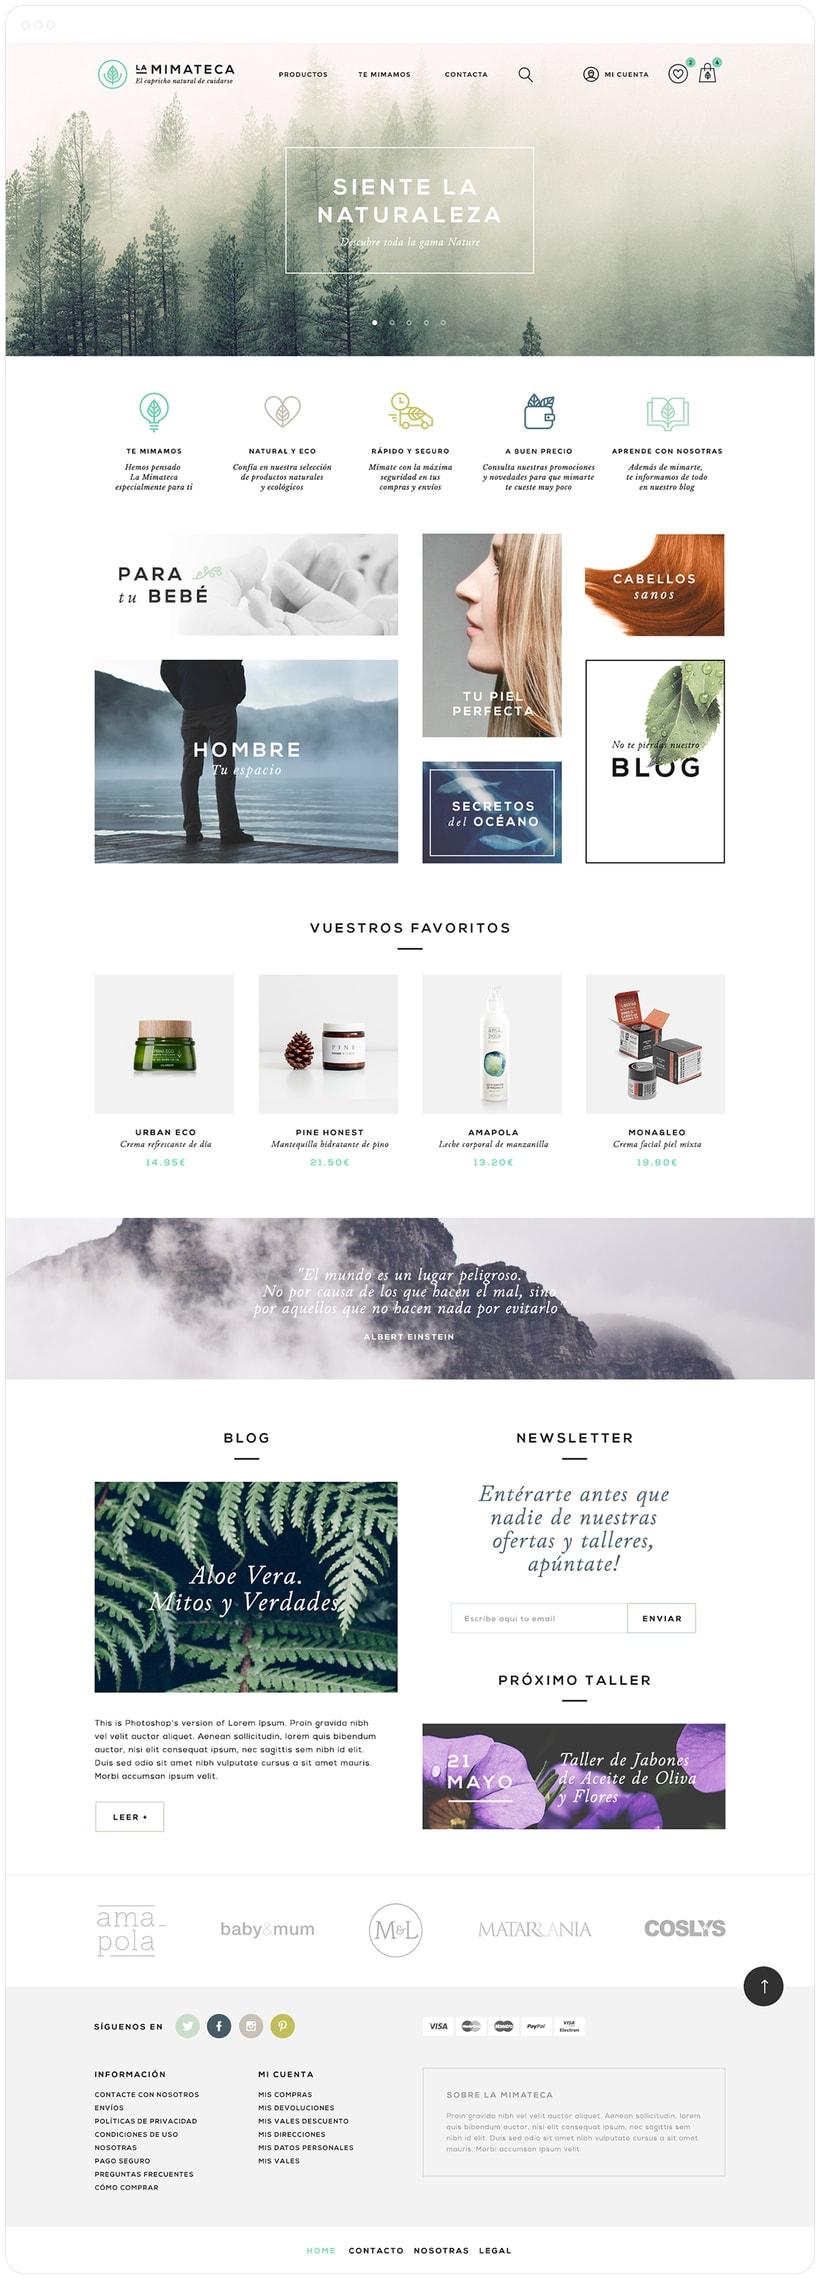 La Mimateca — Branding & E-commerce 11